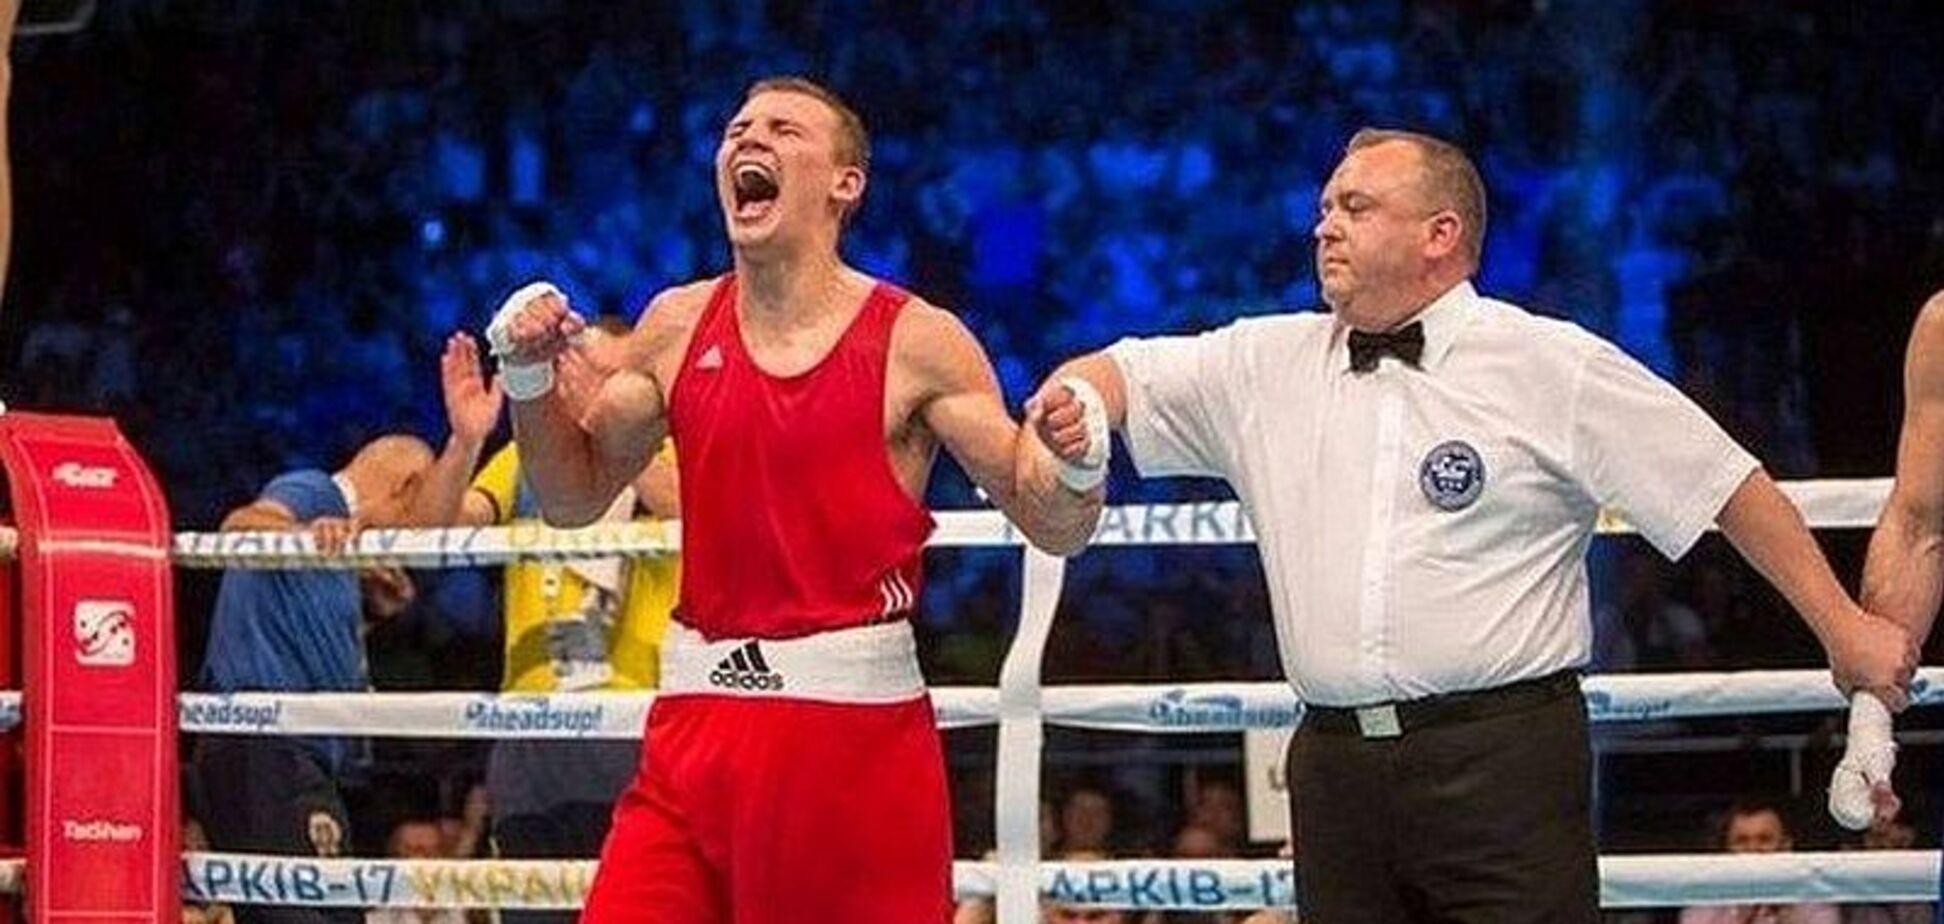 Бойкот турниров в России: украинские боксеры попали в тупик